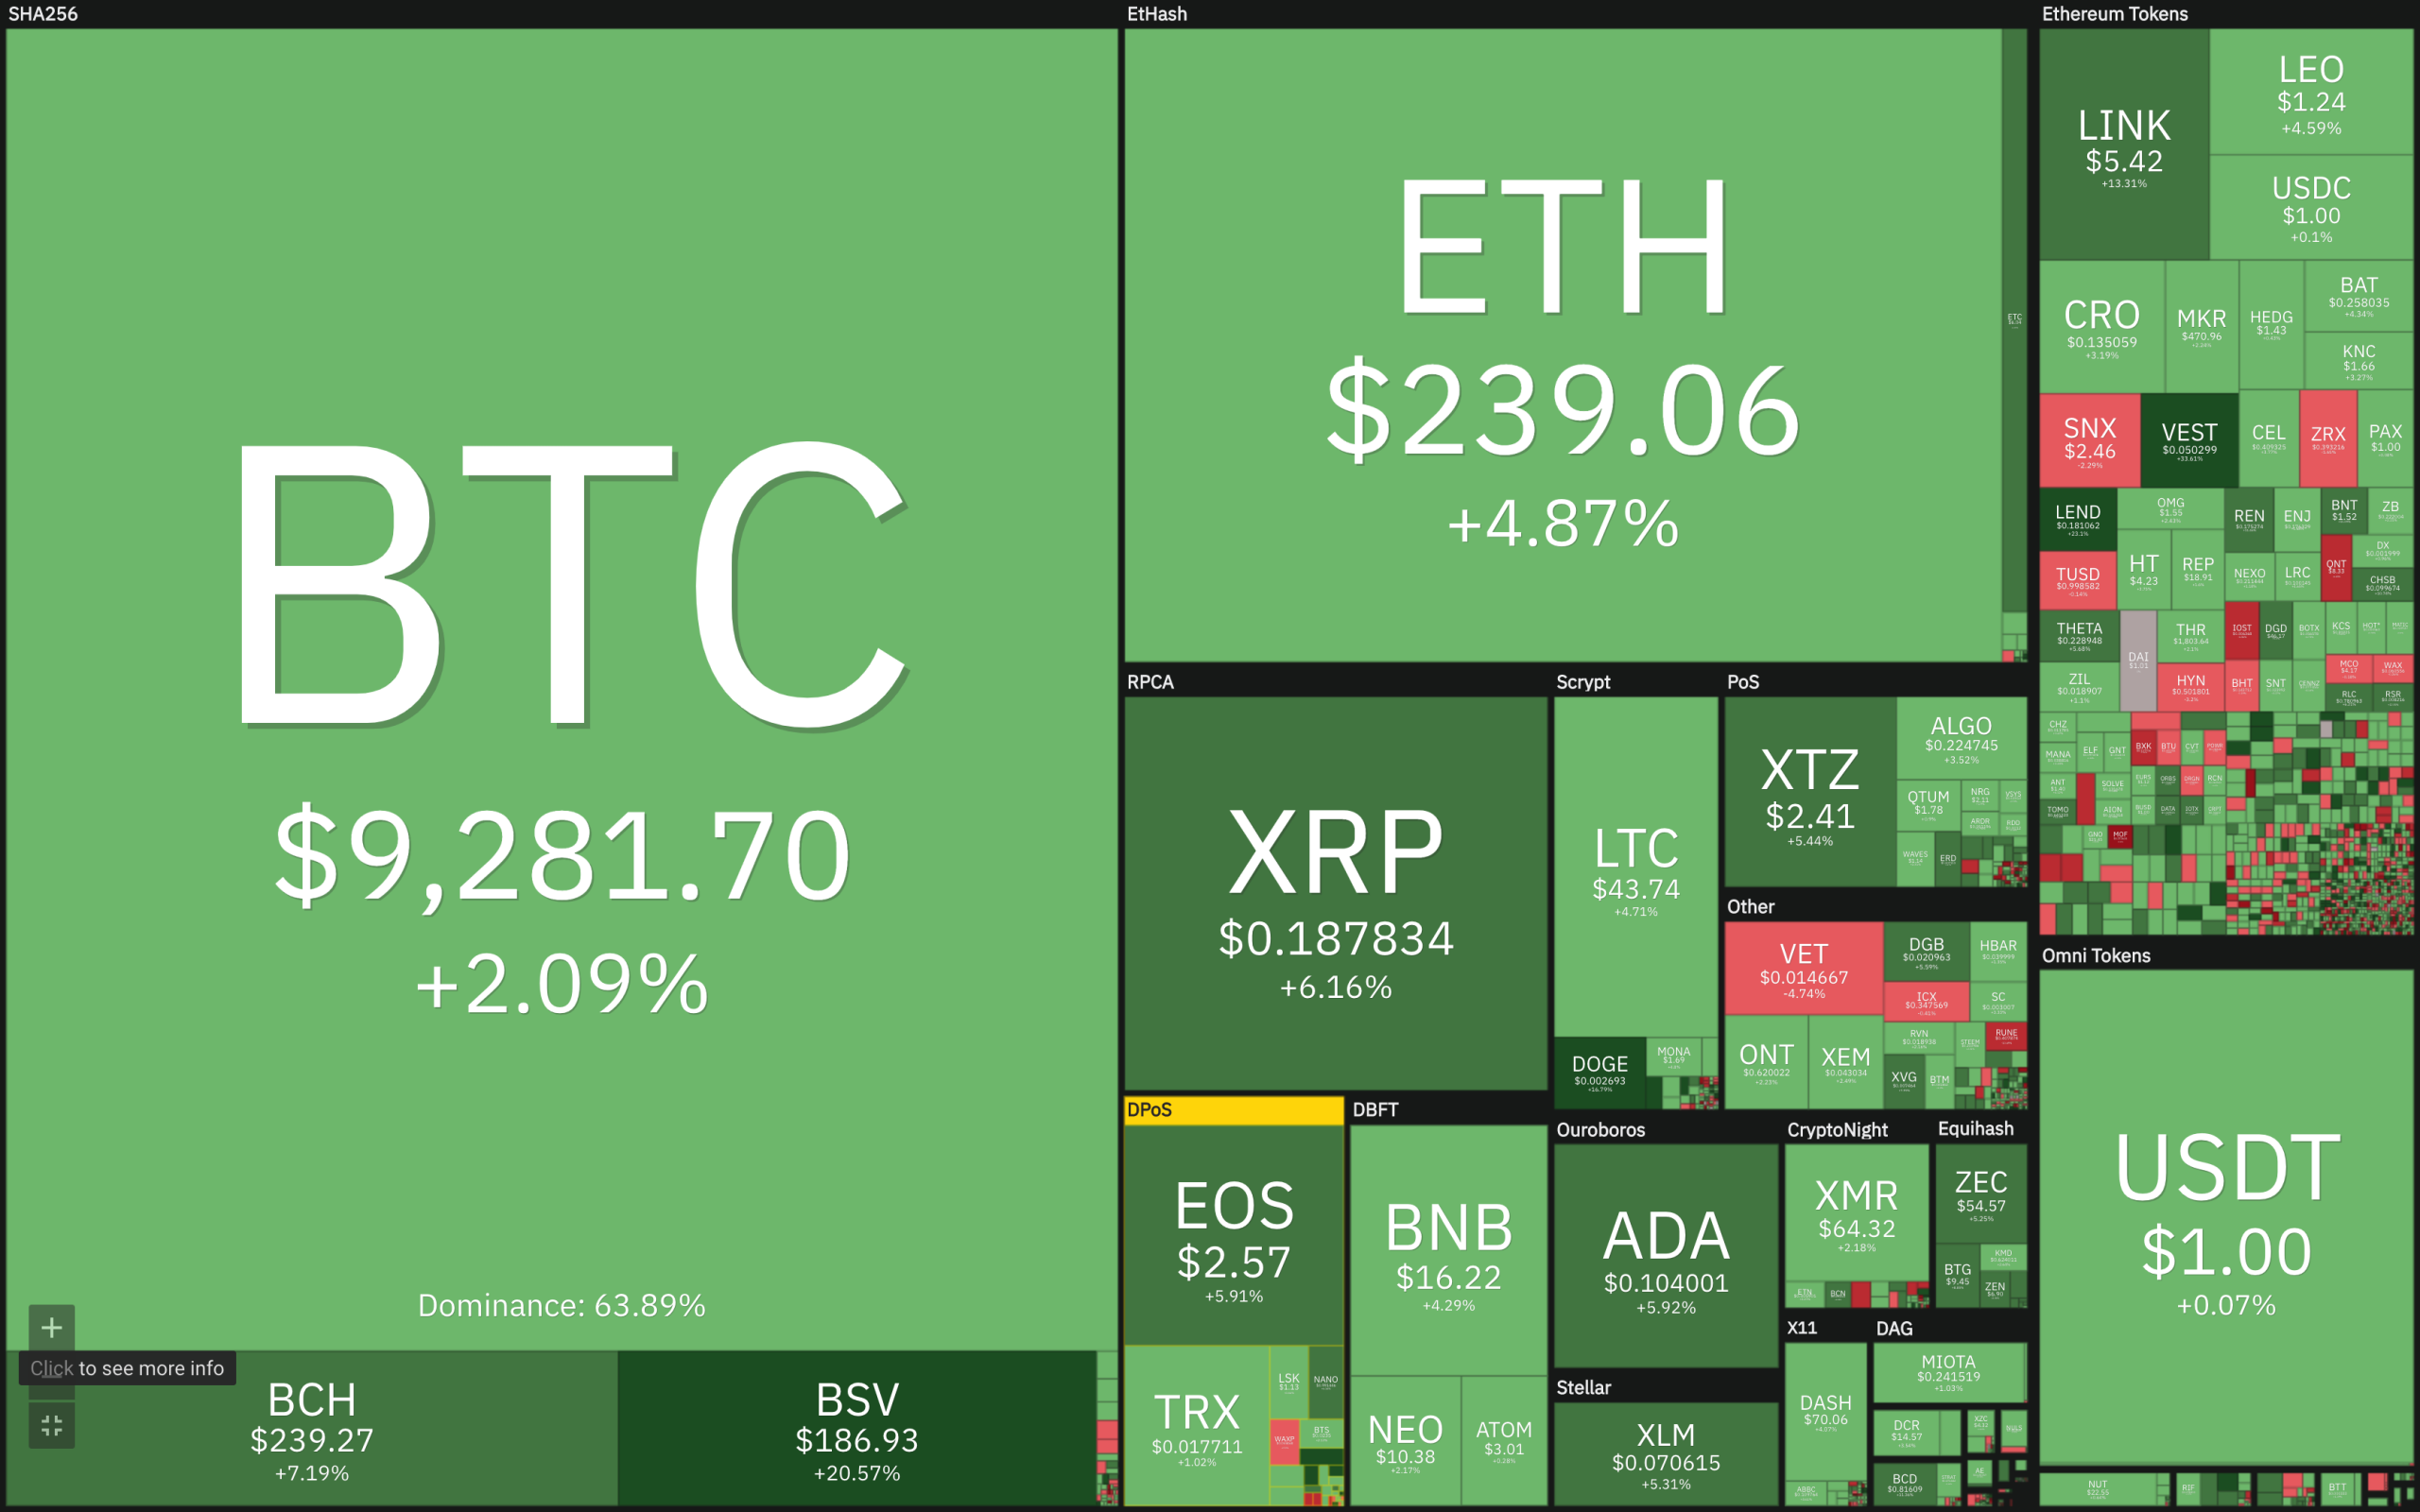 Panoramica del mercato valutario virtuale